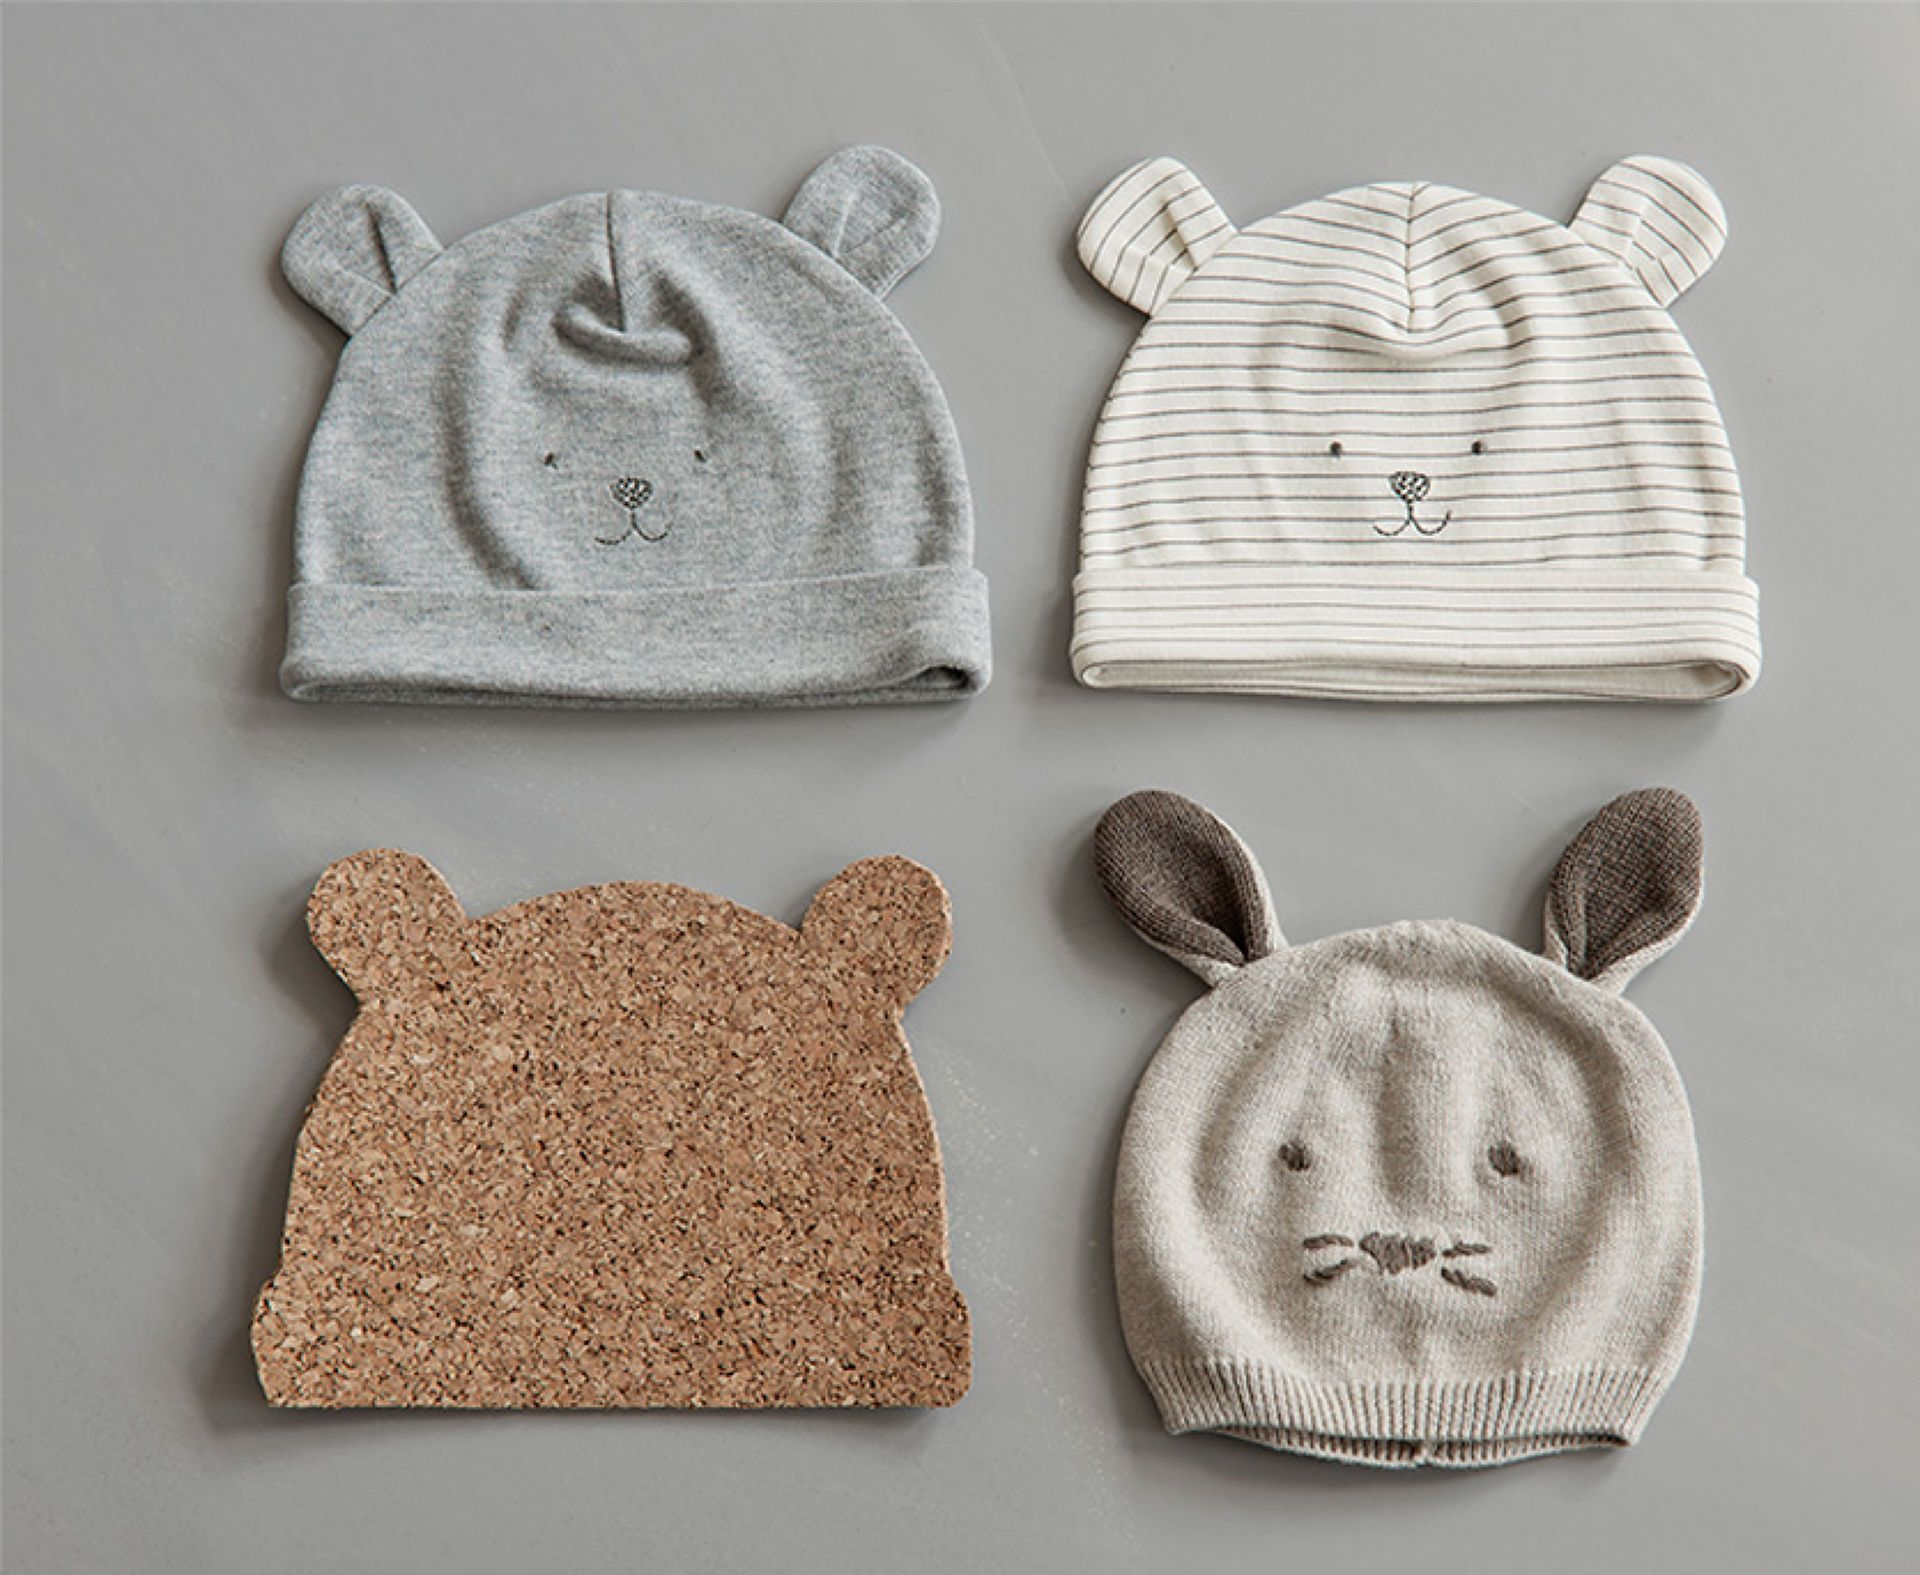 df7c859771 Zara Mini. La nueva moda de Zara para bebés